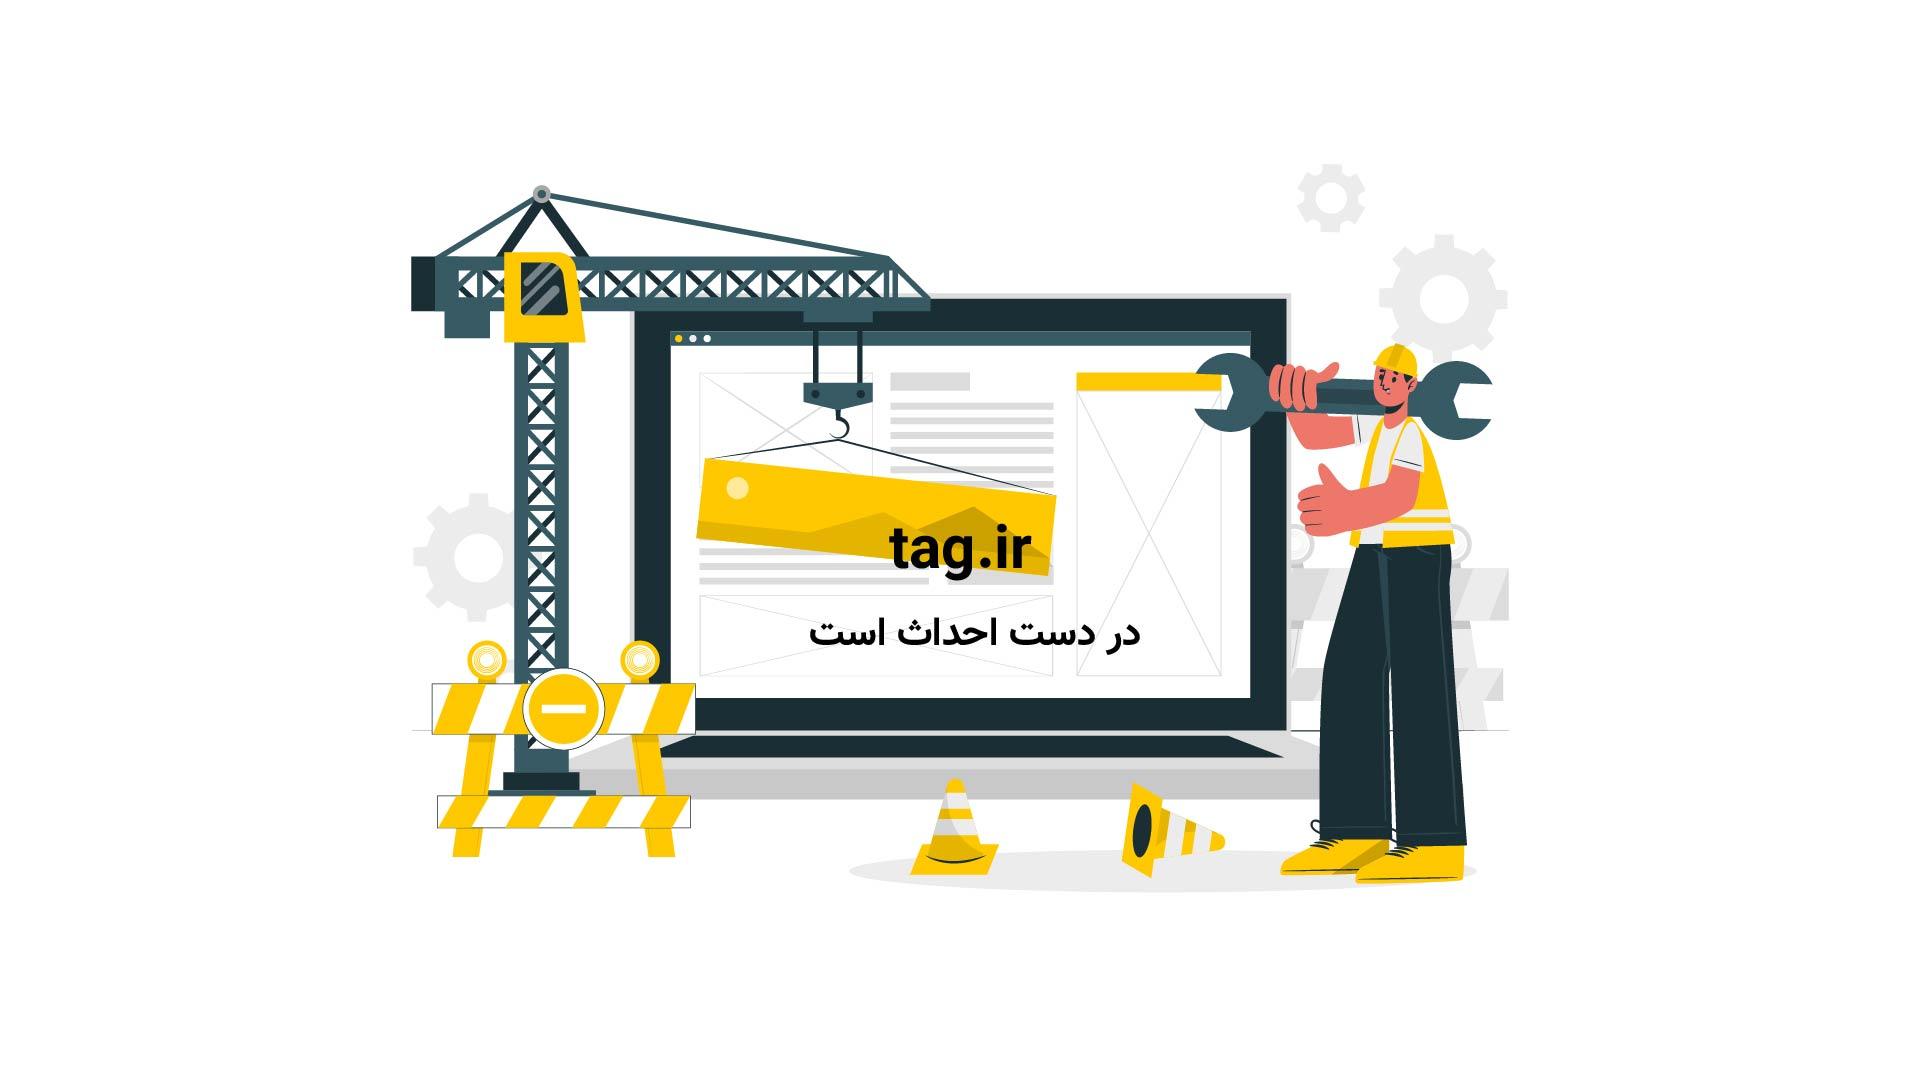 آتش سوزی جنگل های کالیفرنیا | تگ